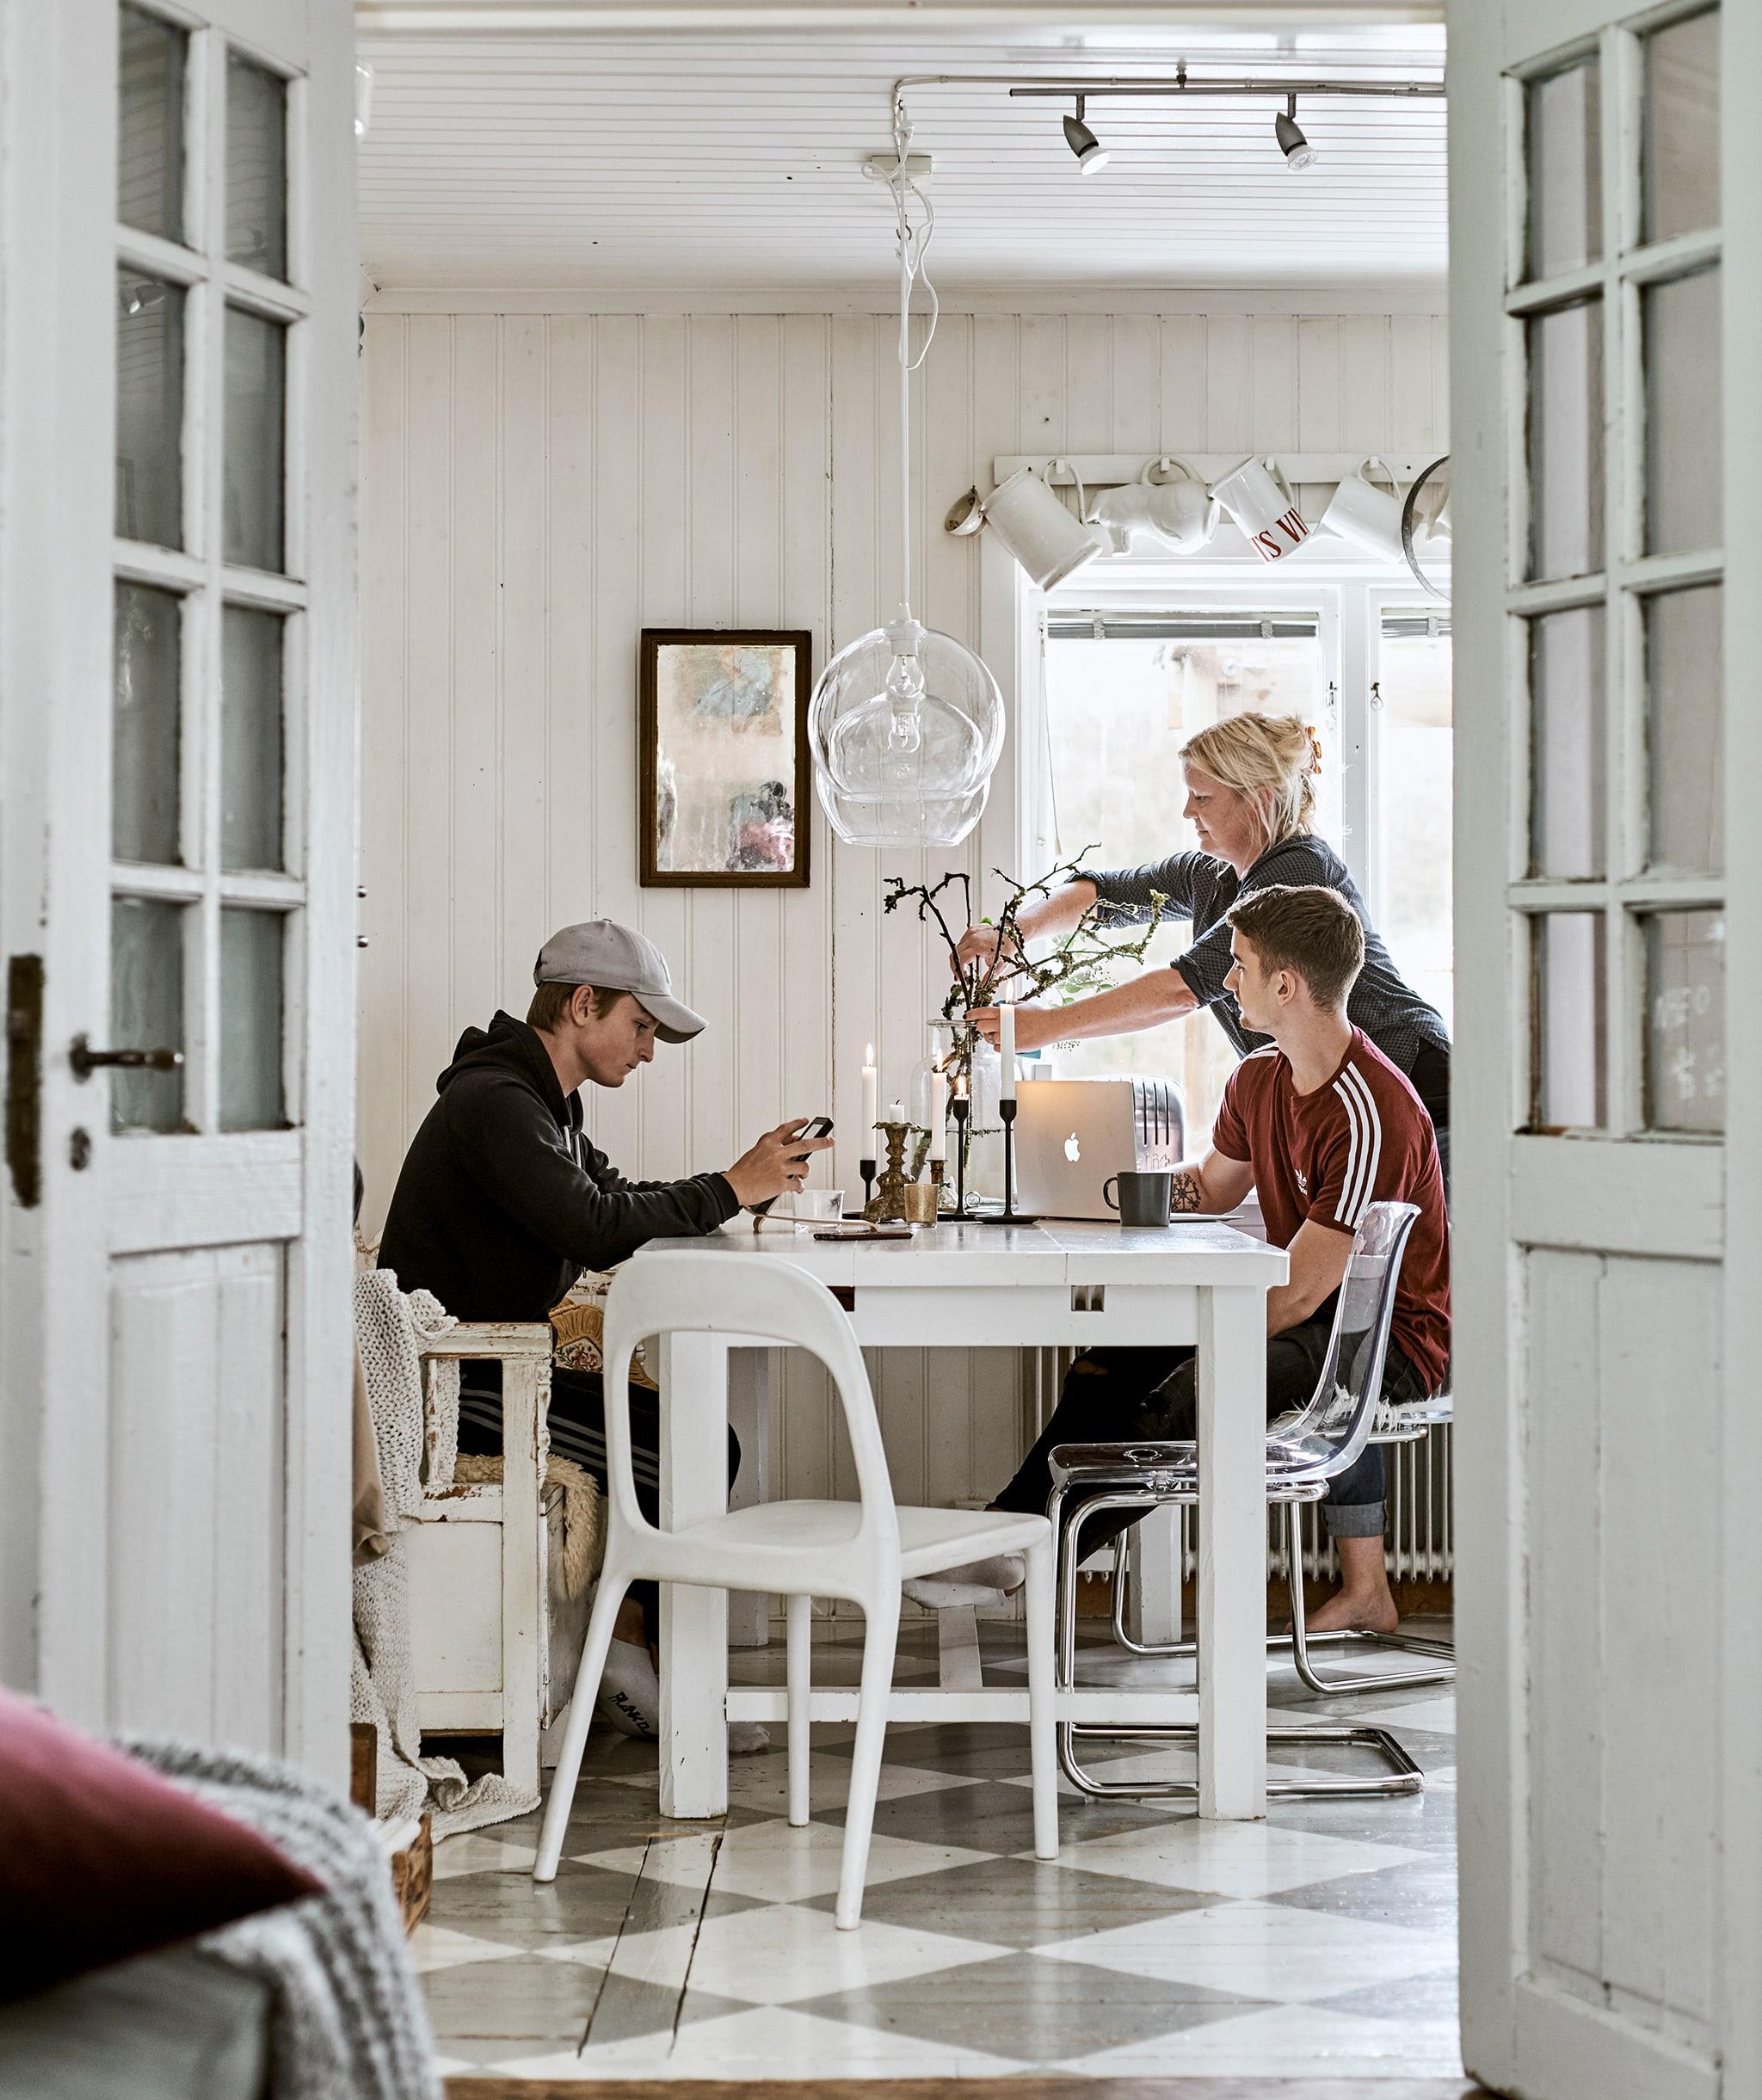 Pintu dengan kaca besar terbuka ke ruang makan dengan lantai kotak-kotak. Sebuah keluarga duduk di meja makan putih, lampu kaca menggantung di atasnya